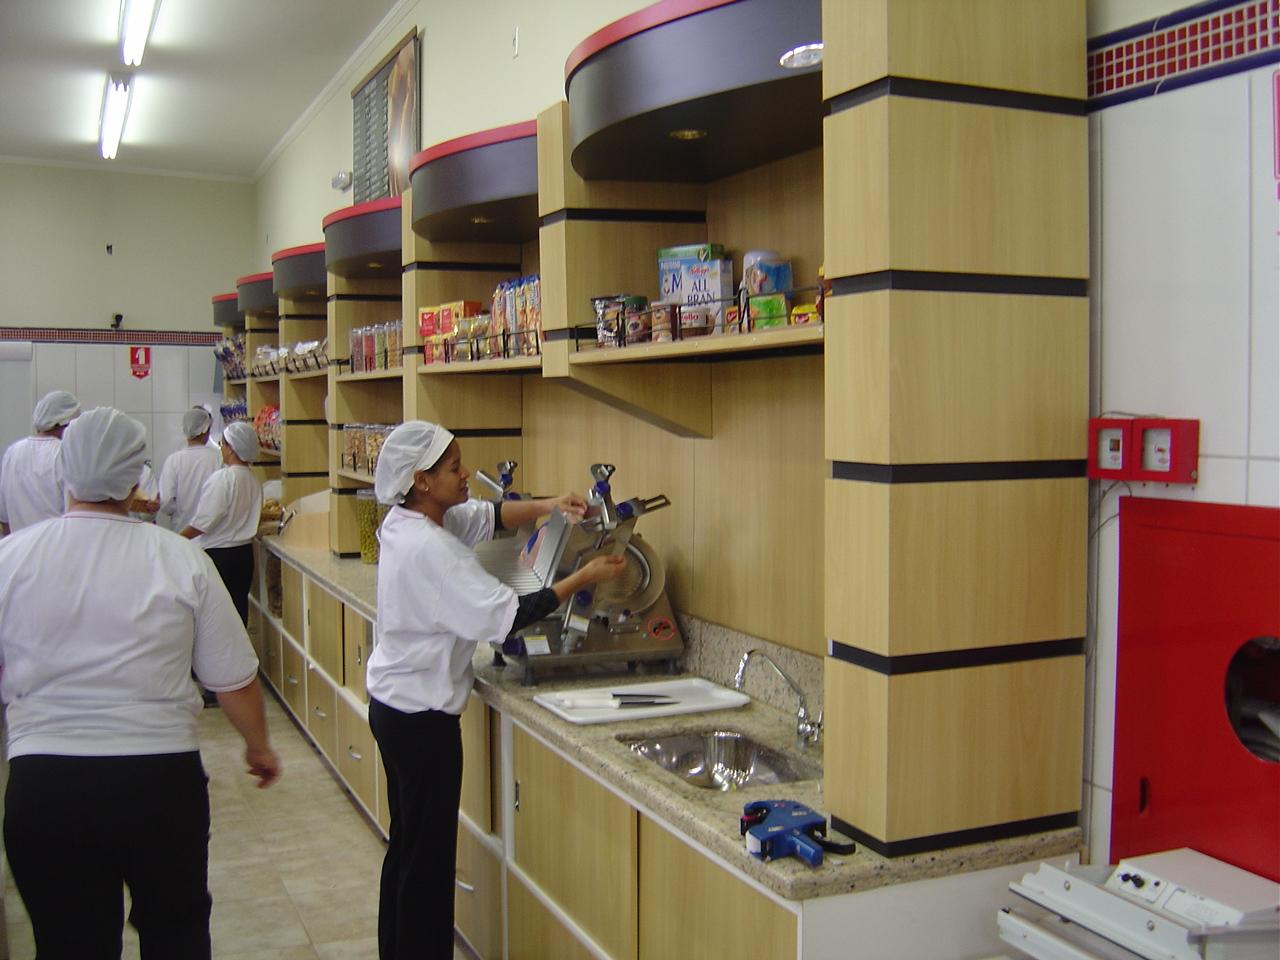 Acimaq Equipamentos Ind. e Com. Ltda. Gestão Refrigeração: Art  #722A20 1280 960